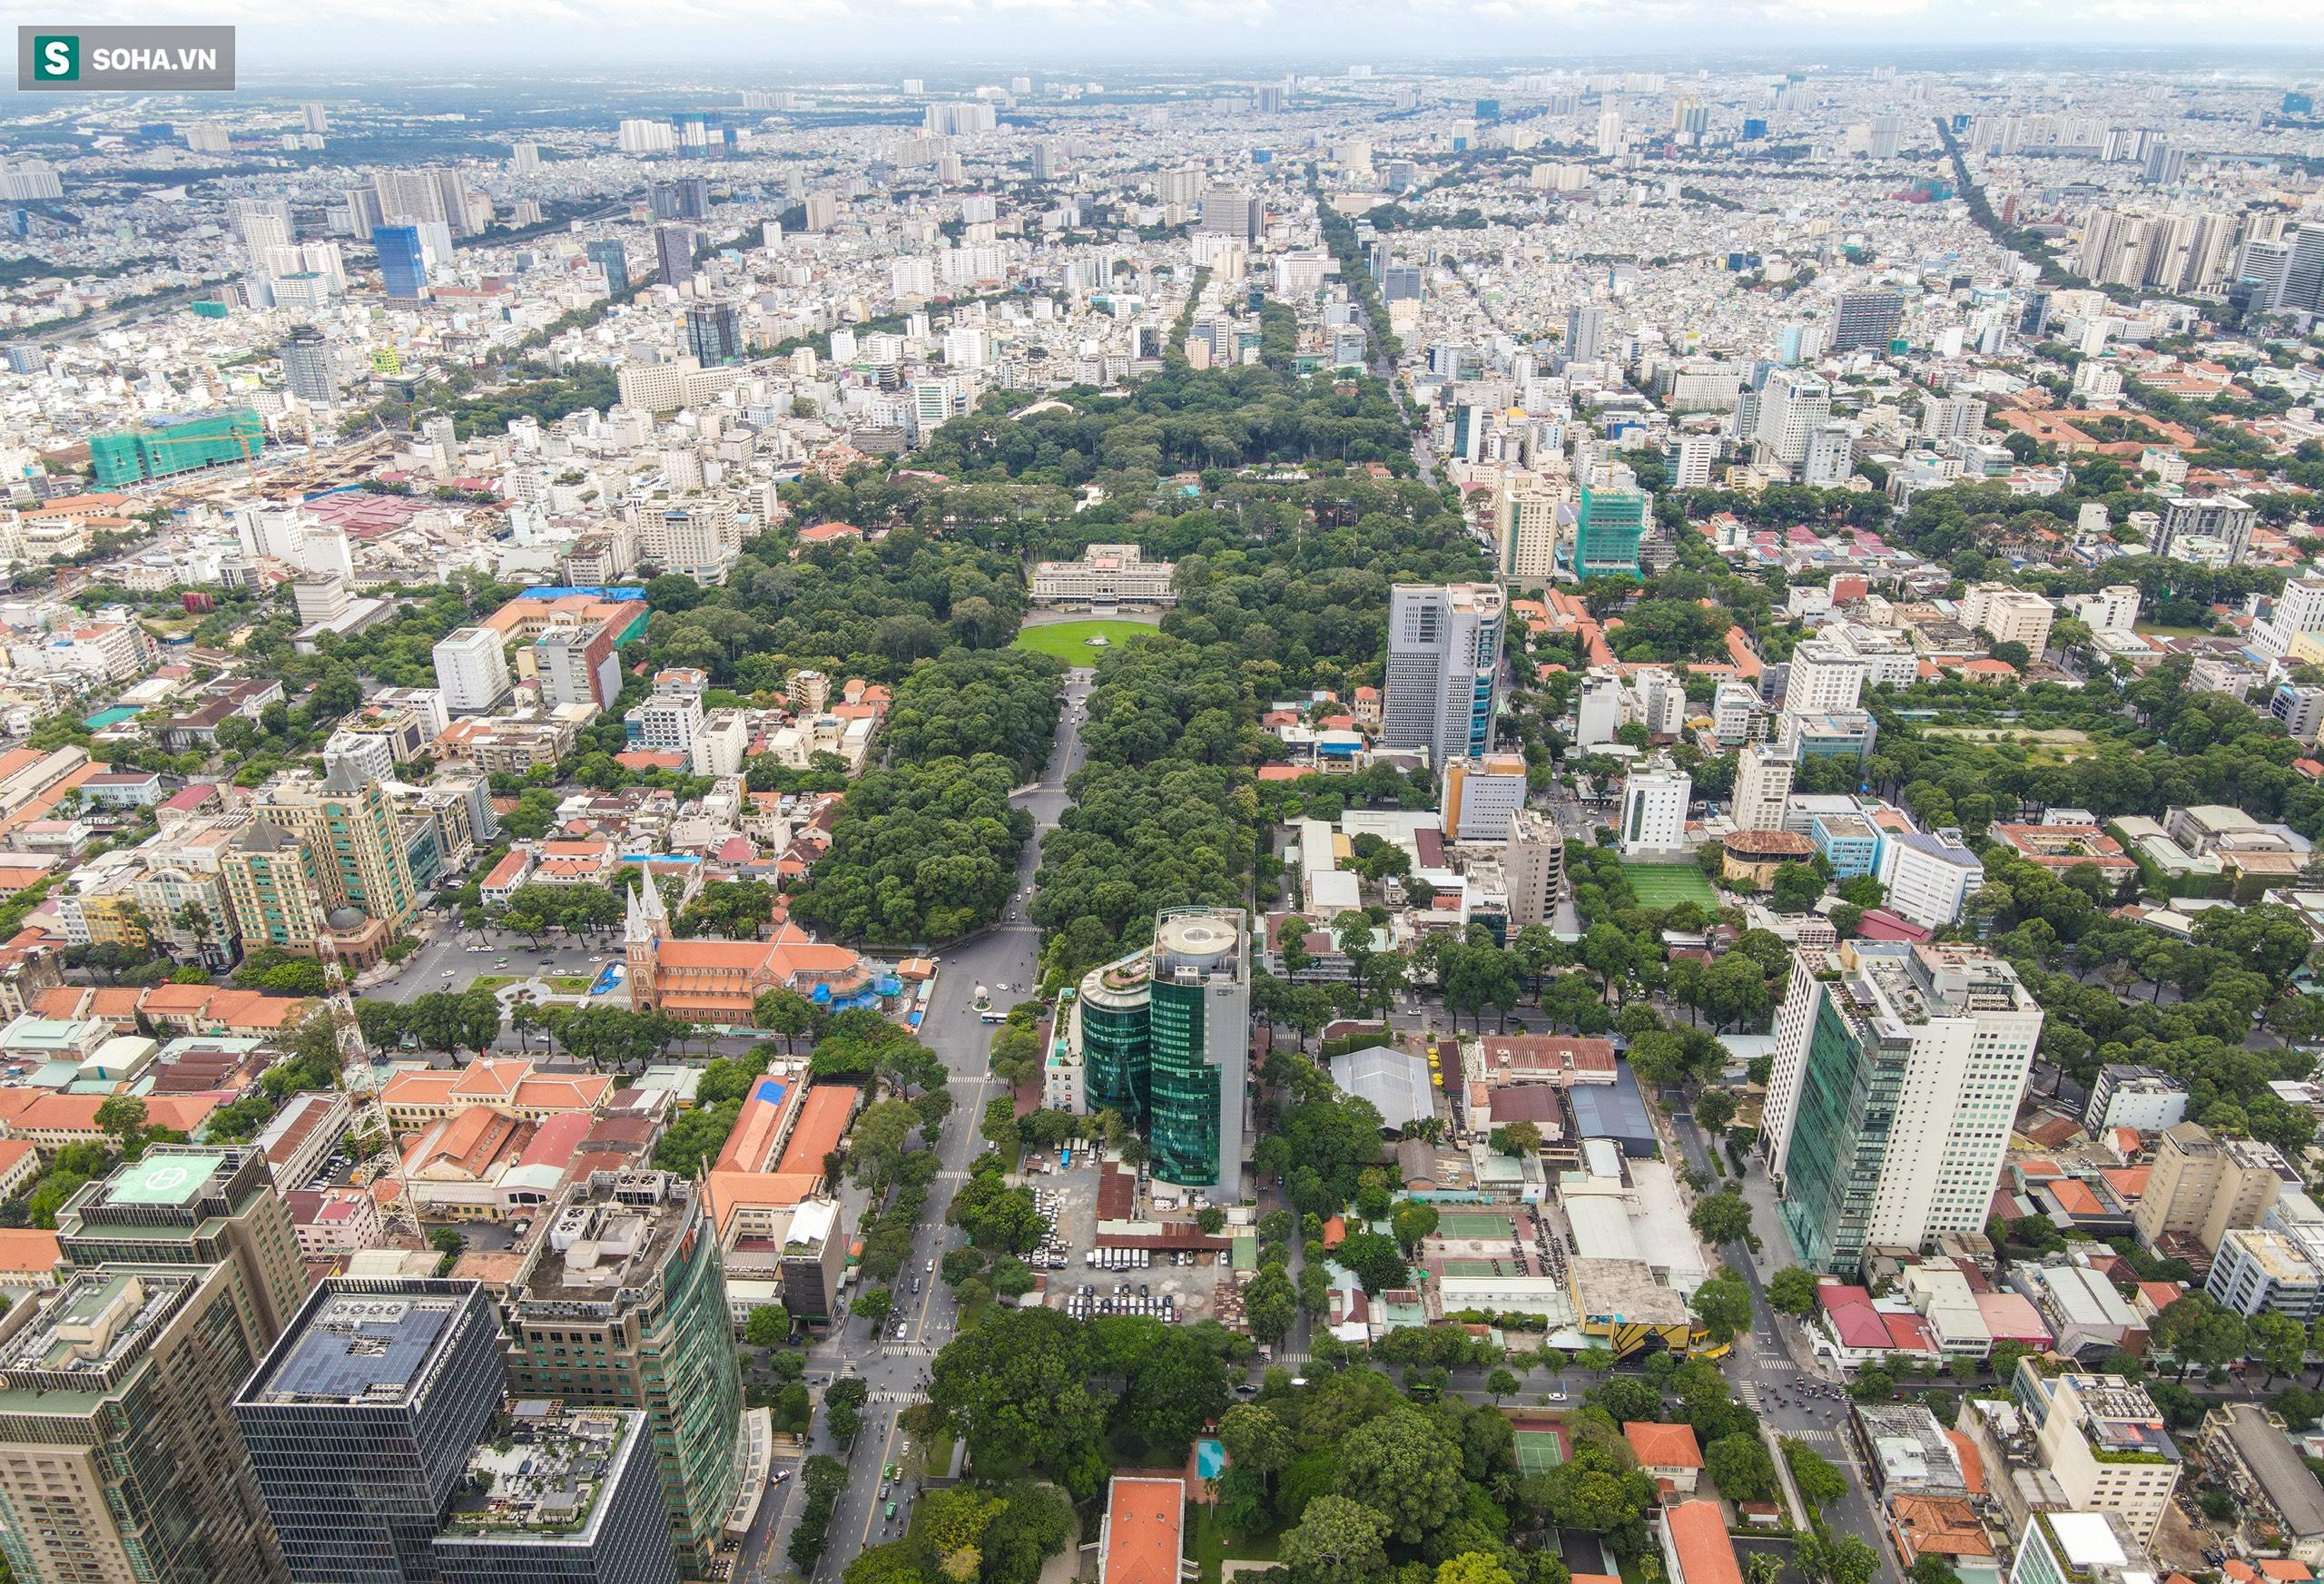 Bên trong lô đất nghìn tỷ ông Nguyễn Thành Tài giao cho nữ chủ tịch Lavenue 'vì quan hệ tình cảm' - 14